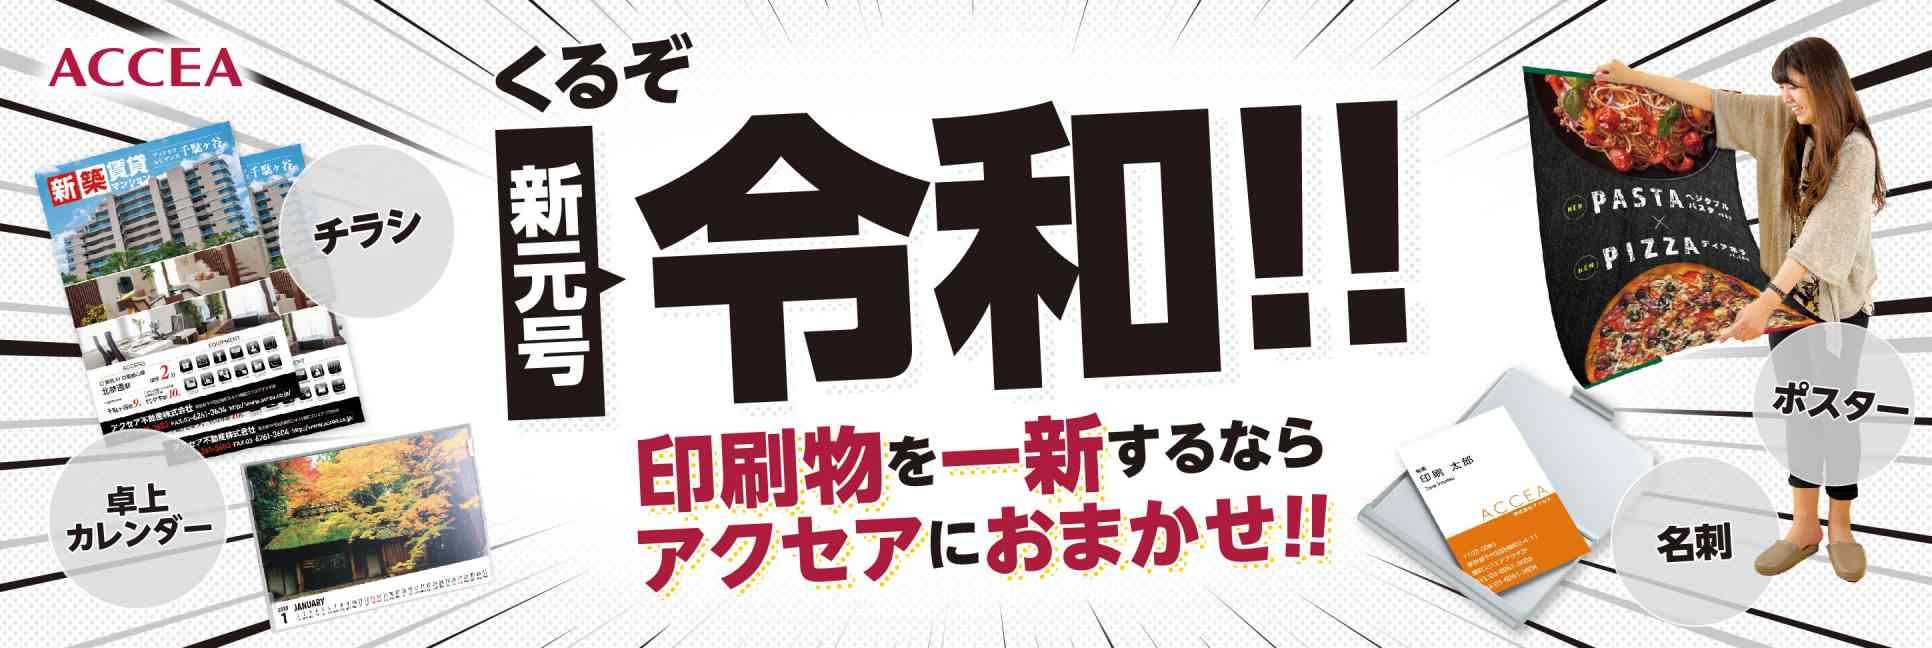 新元号「令和」印刷プリント対応!